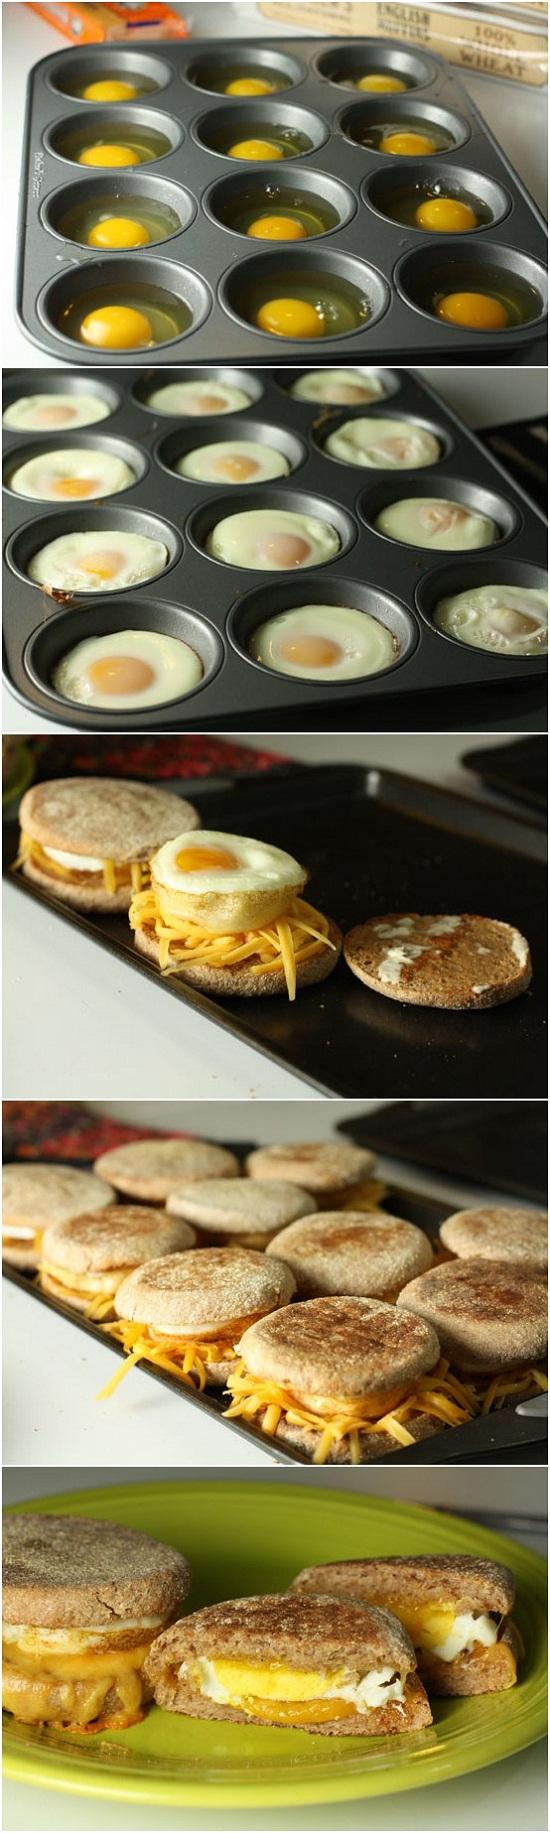 Delicious-Breakfast-Sandwiches-Recipe